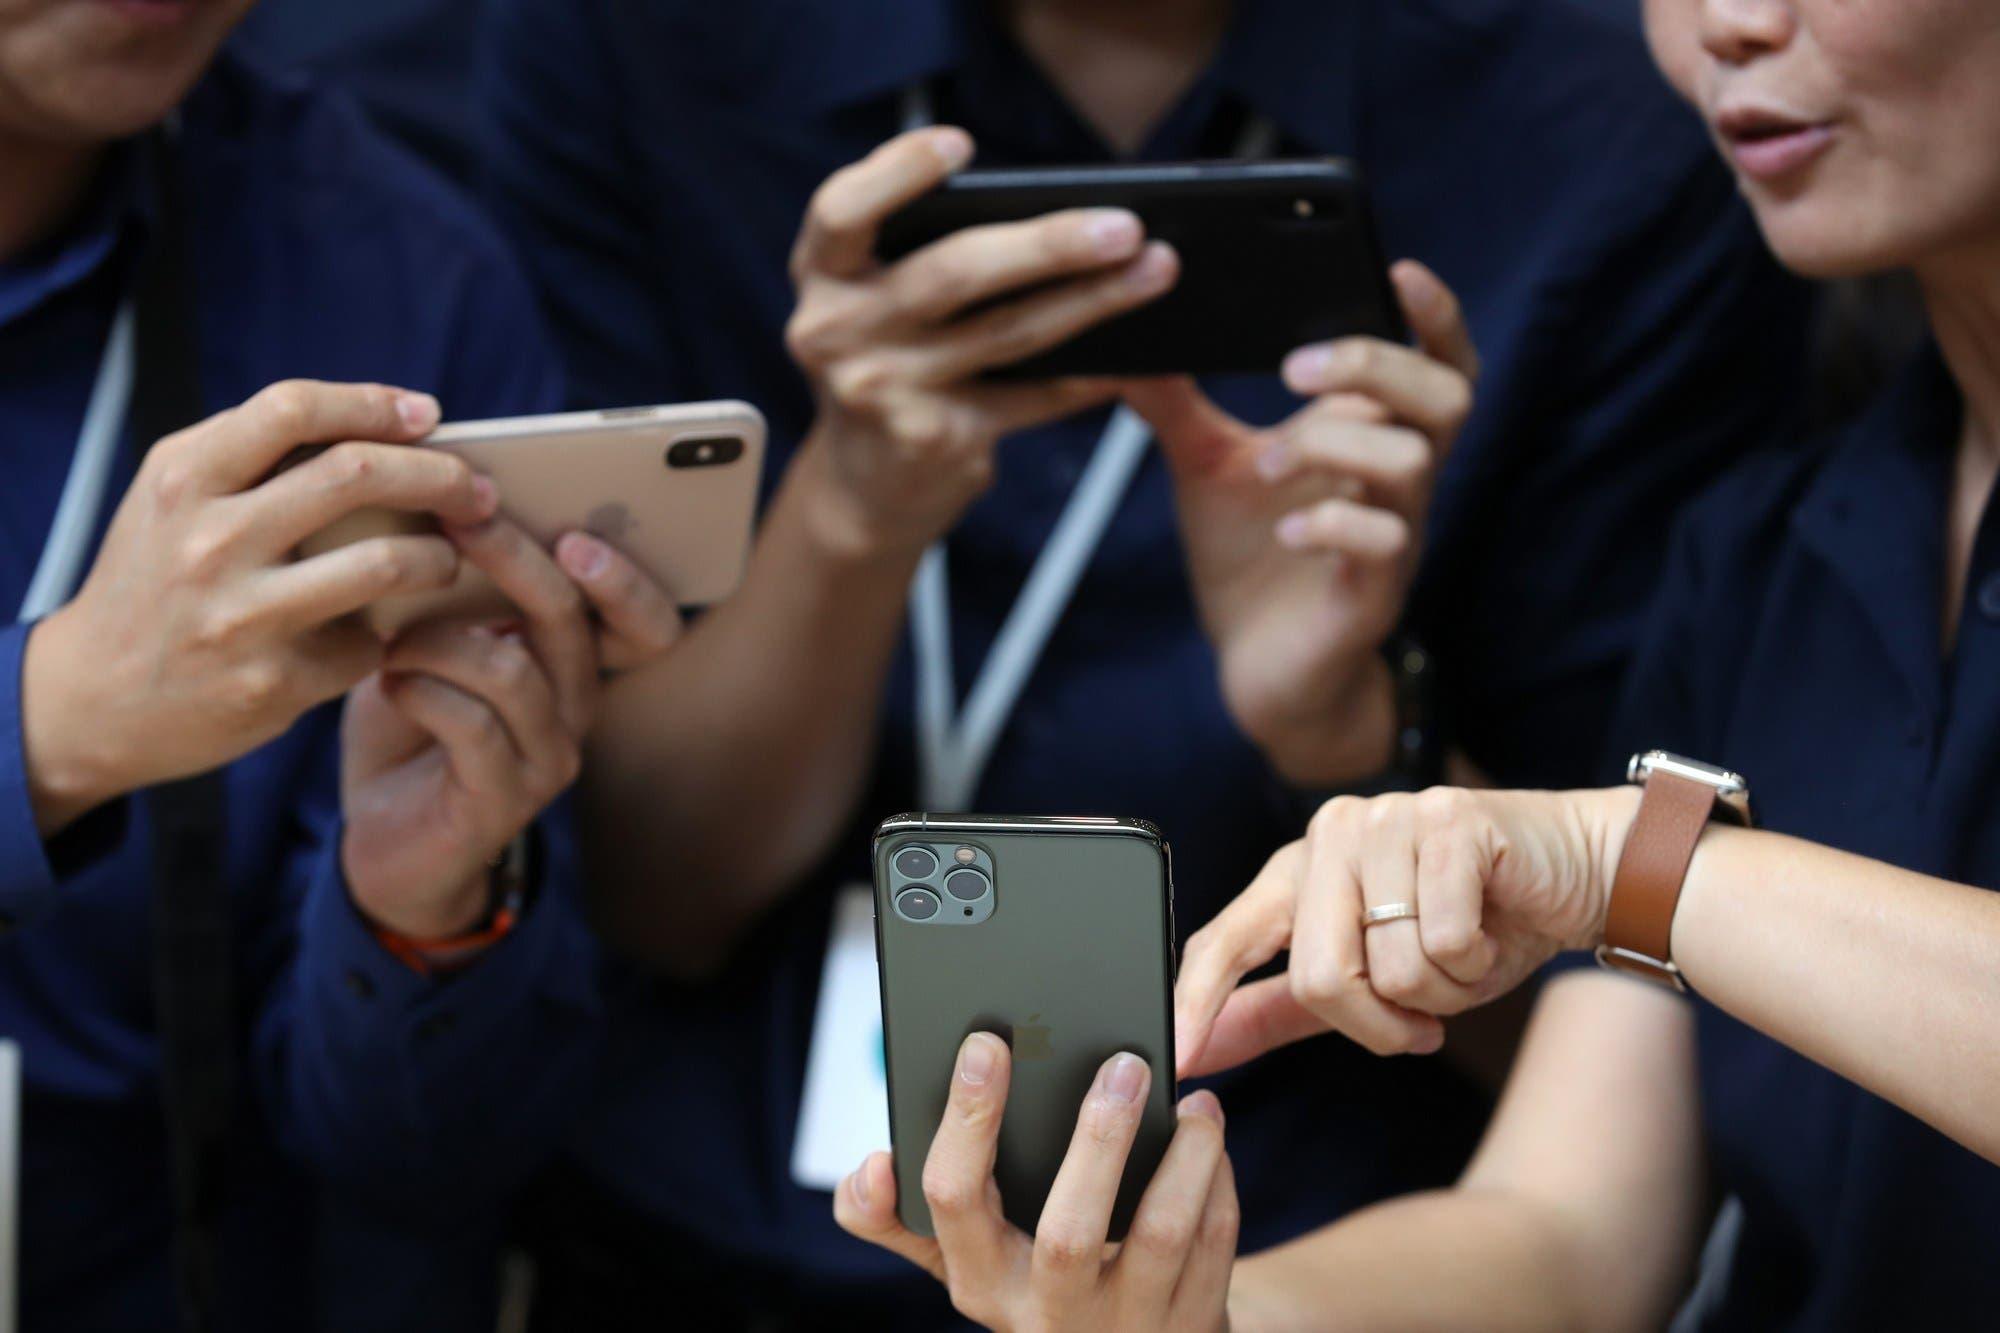 iPhone 11, iPhone 11 Pro y iPhone 11 Pro Max: cuánto cuesta traerlos desde Estados Unidos